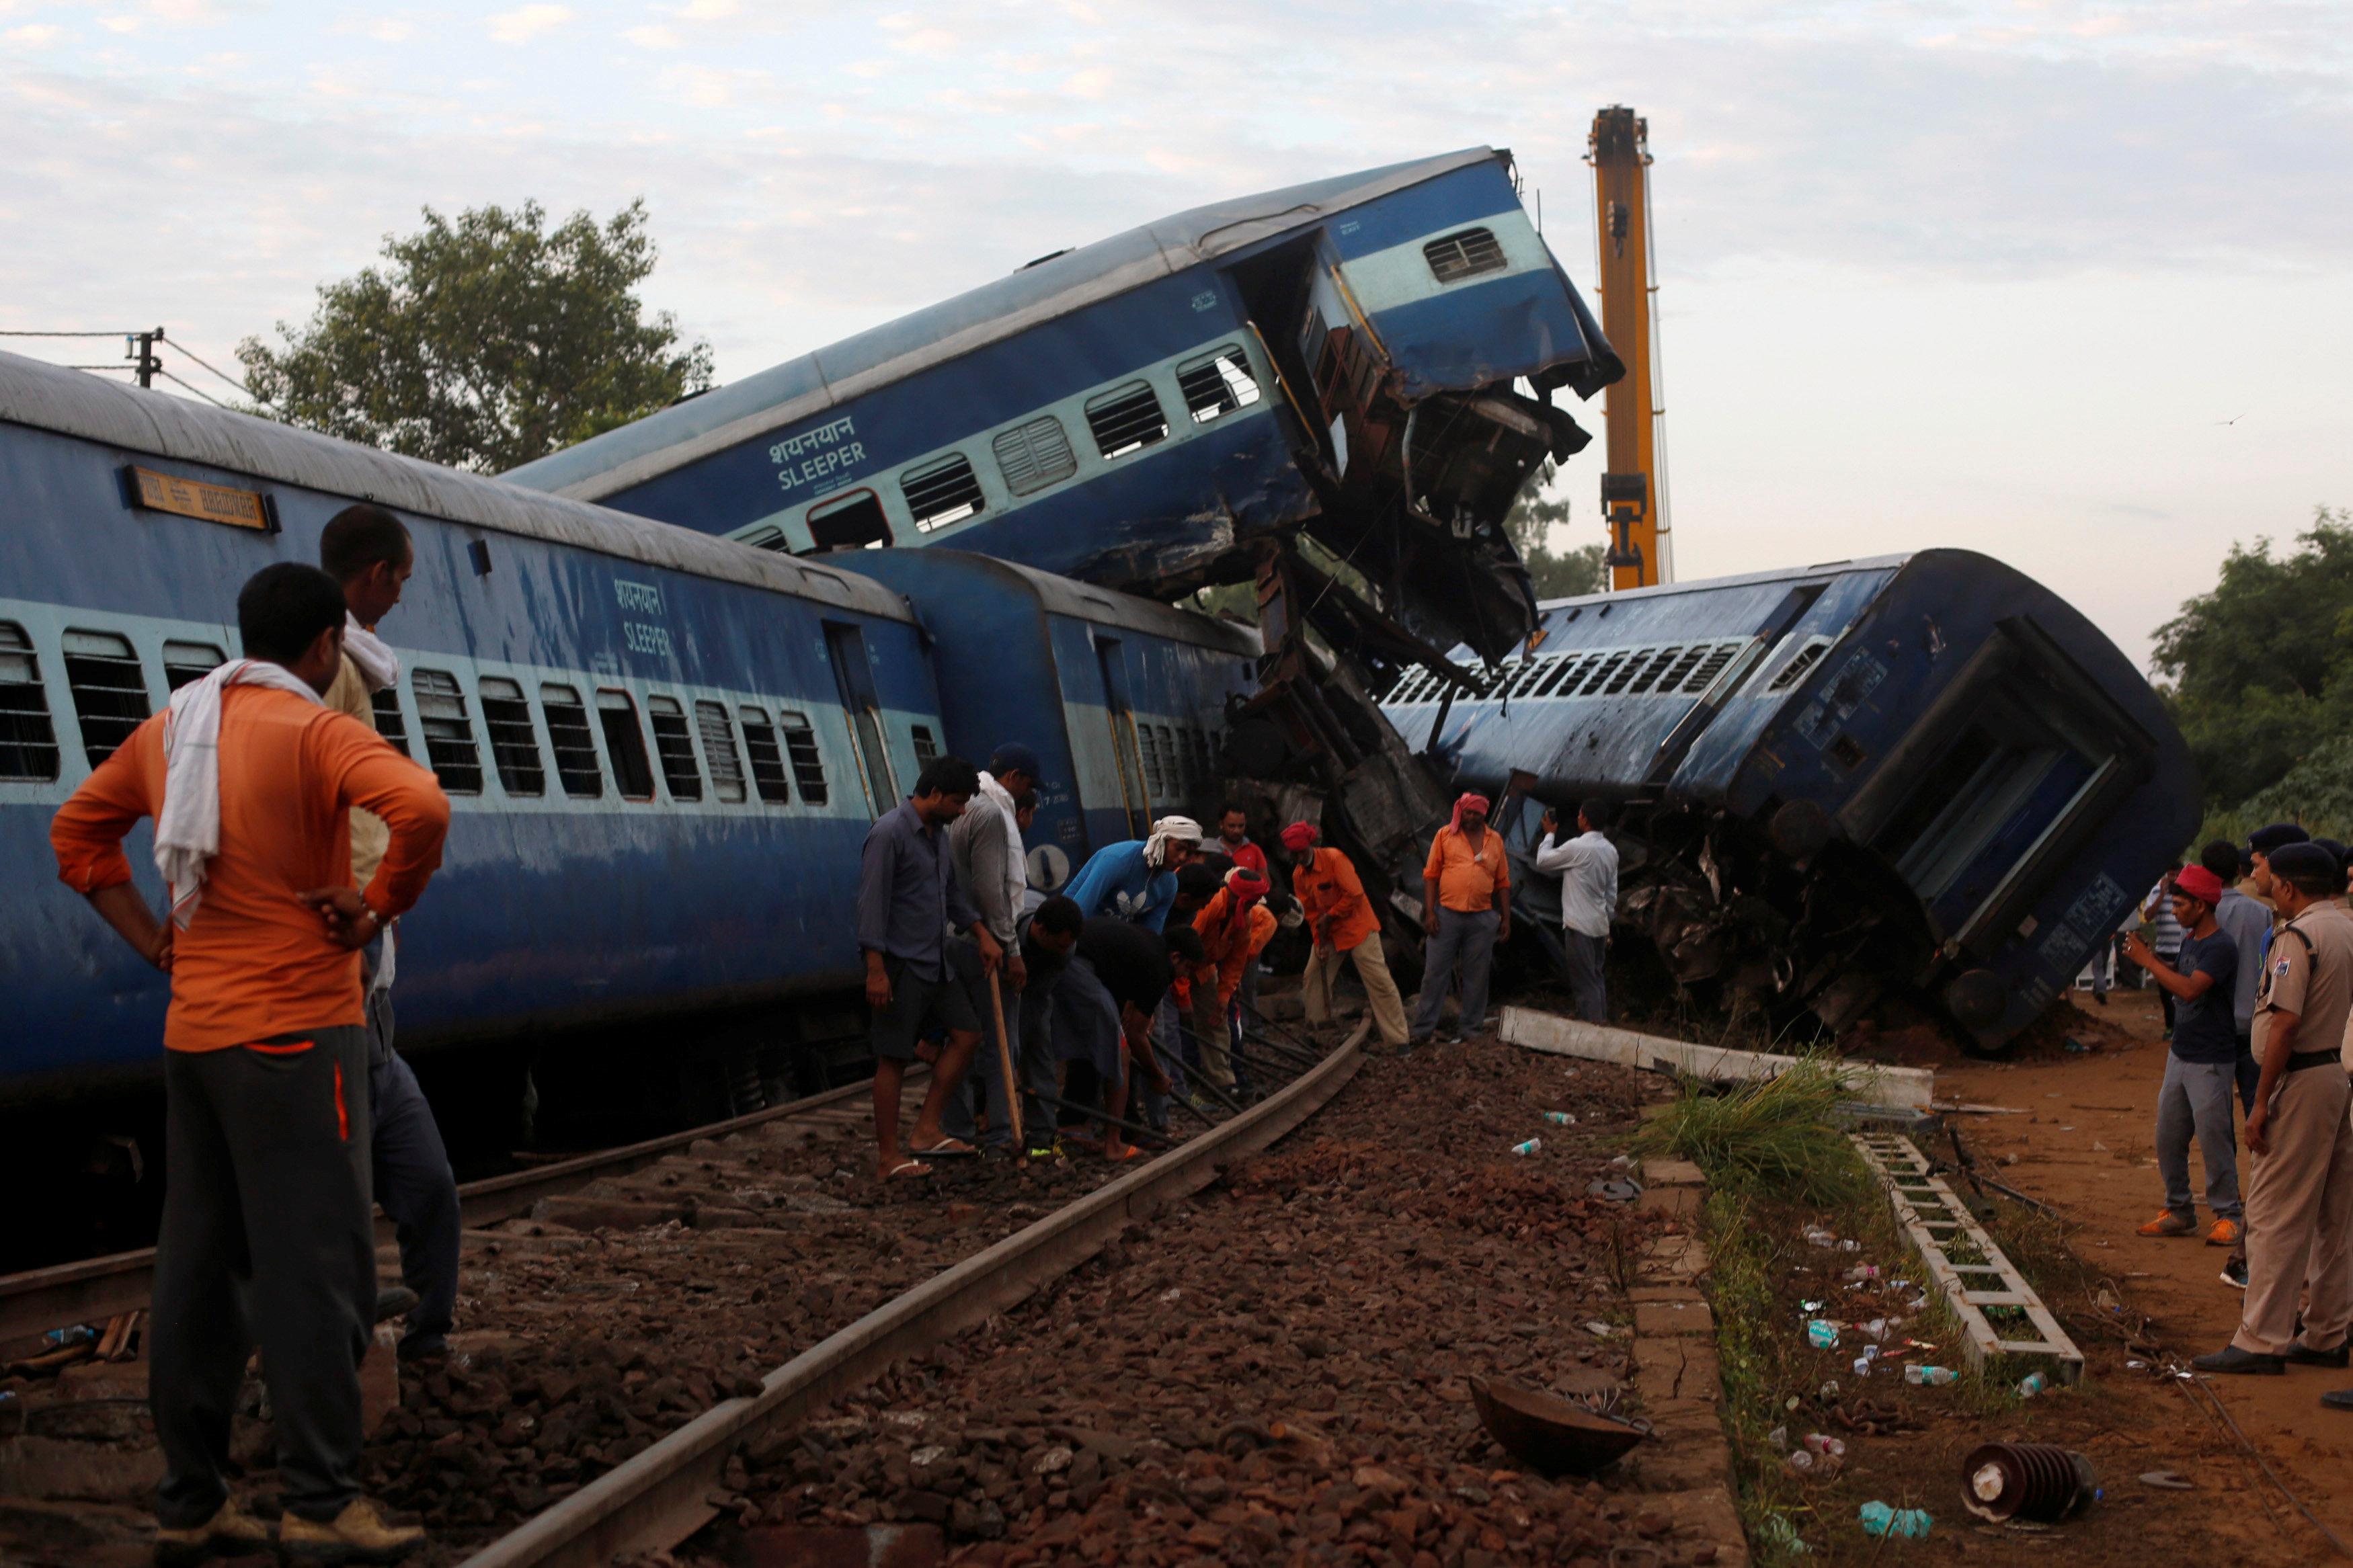 حادث قطار في الهند